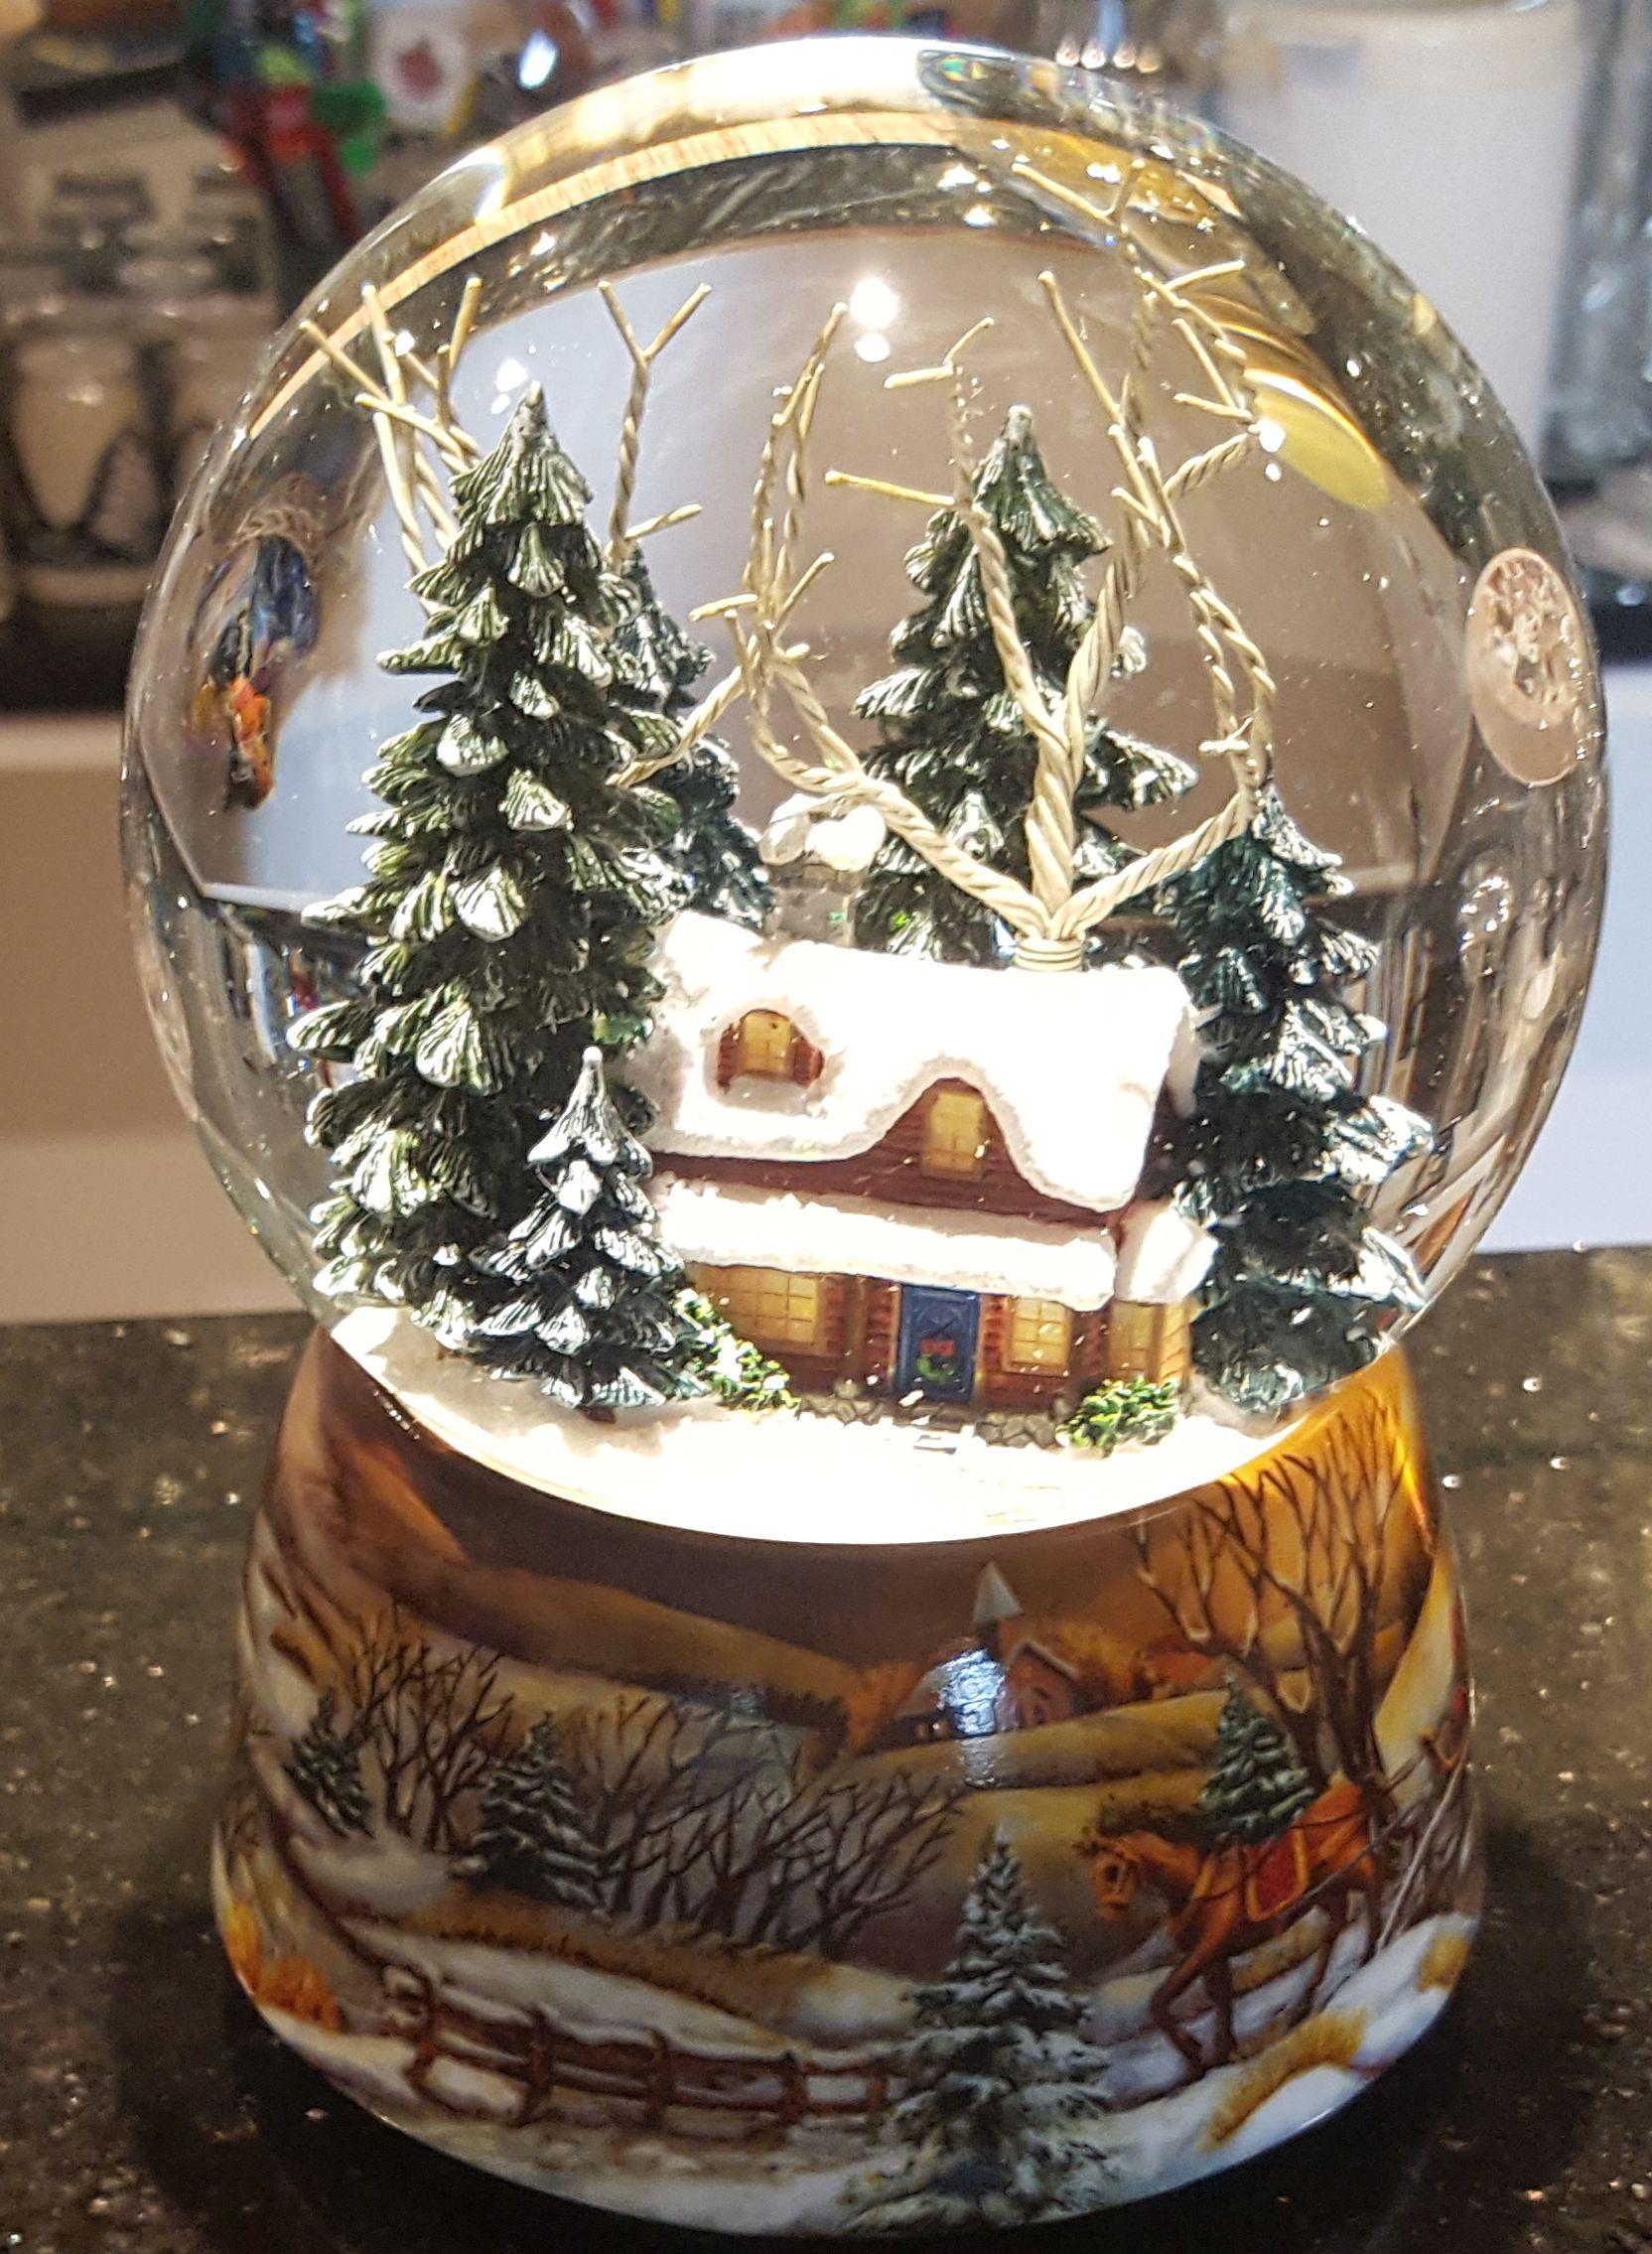 schneekugel spieluhr winterwald mit bewegung 16 cm erzgebirge spieluhr schneekugeln. Black Bedroom Furniture Sets. Home Design Ideas